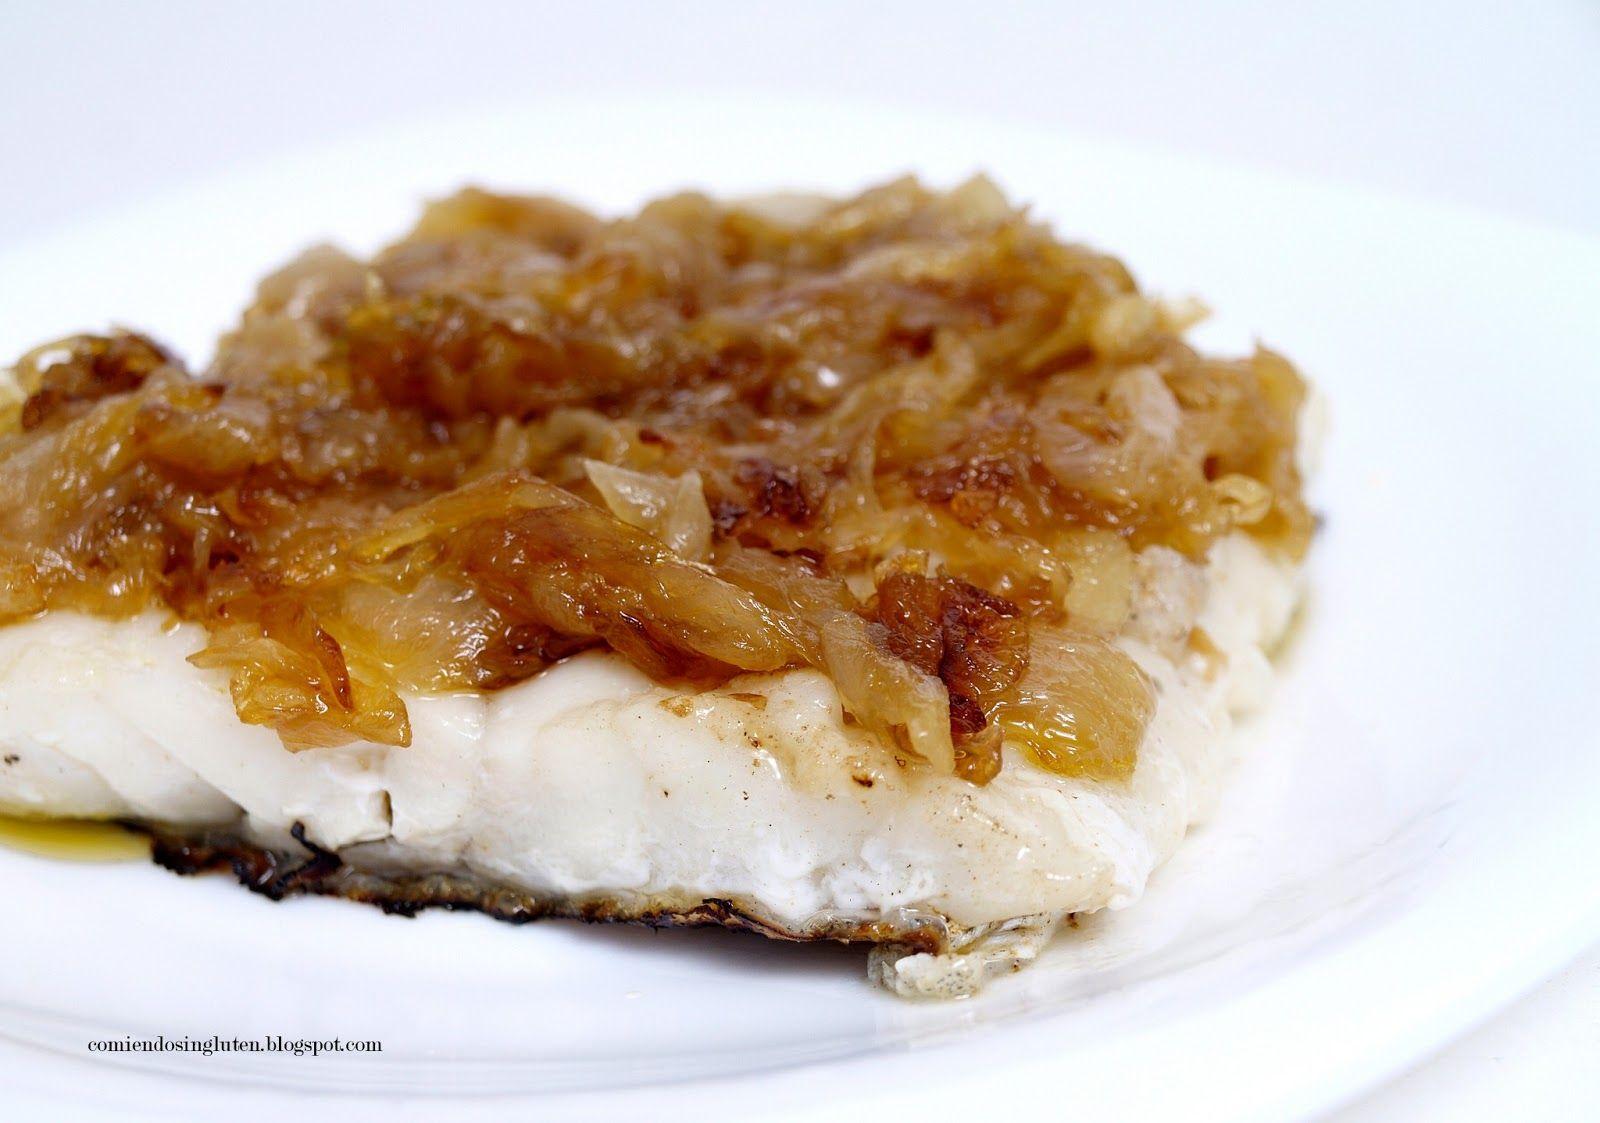 Como Cocinar Cebolla Caramelizada   Bacalao Fresco Con Cebolla Caramelizada Sin Azucar Cocina